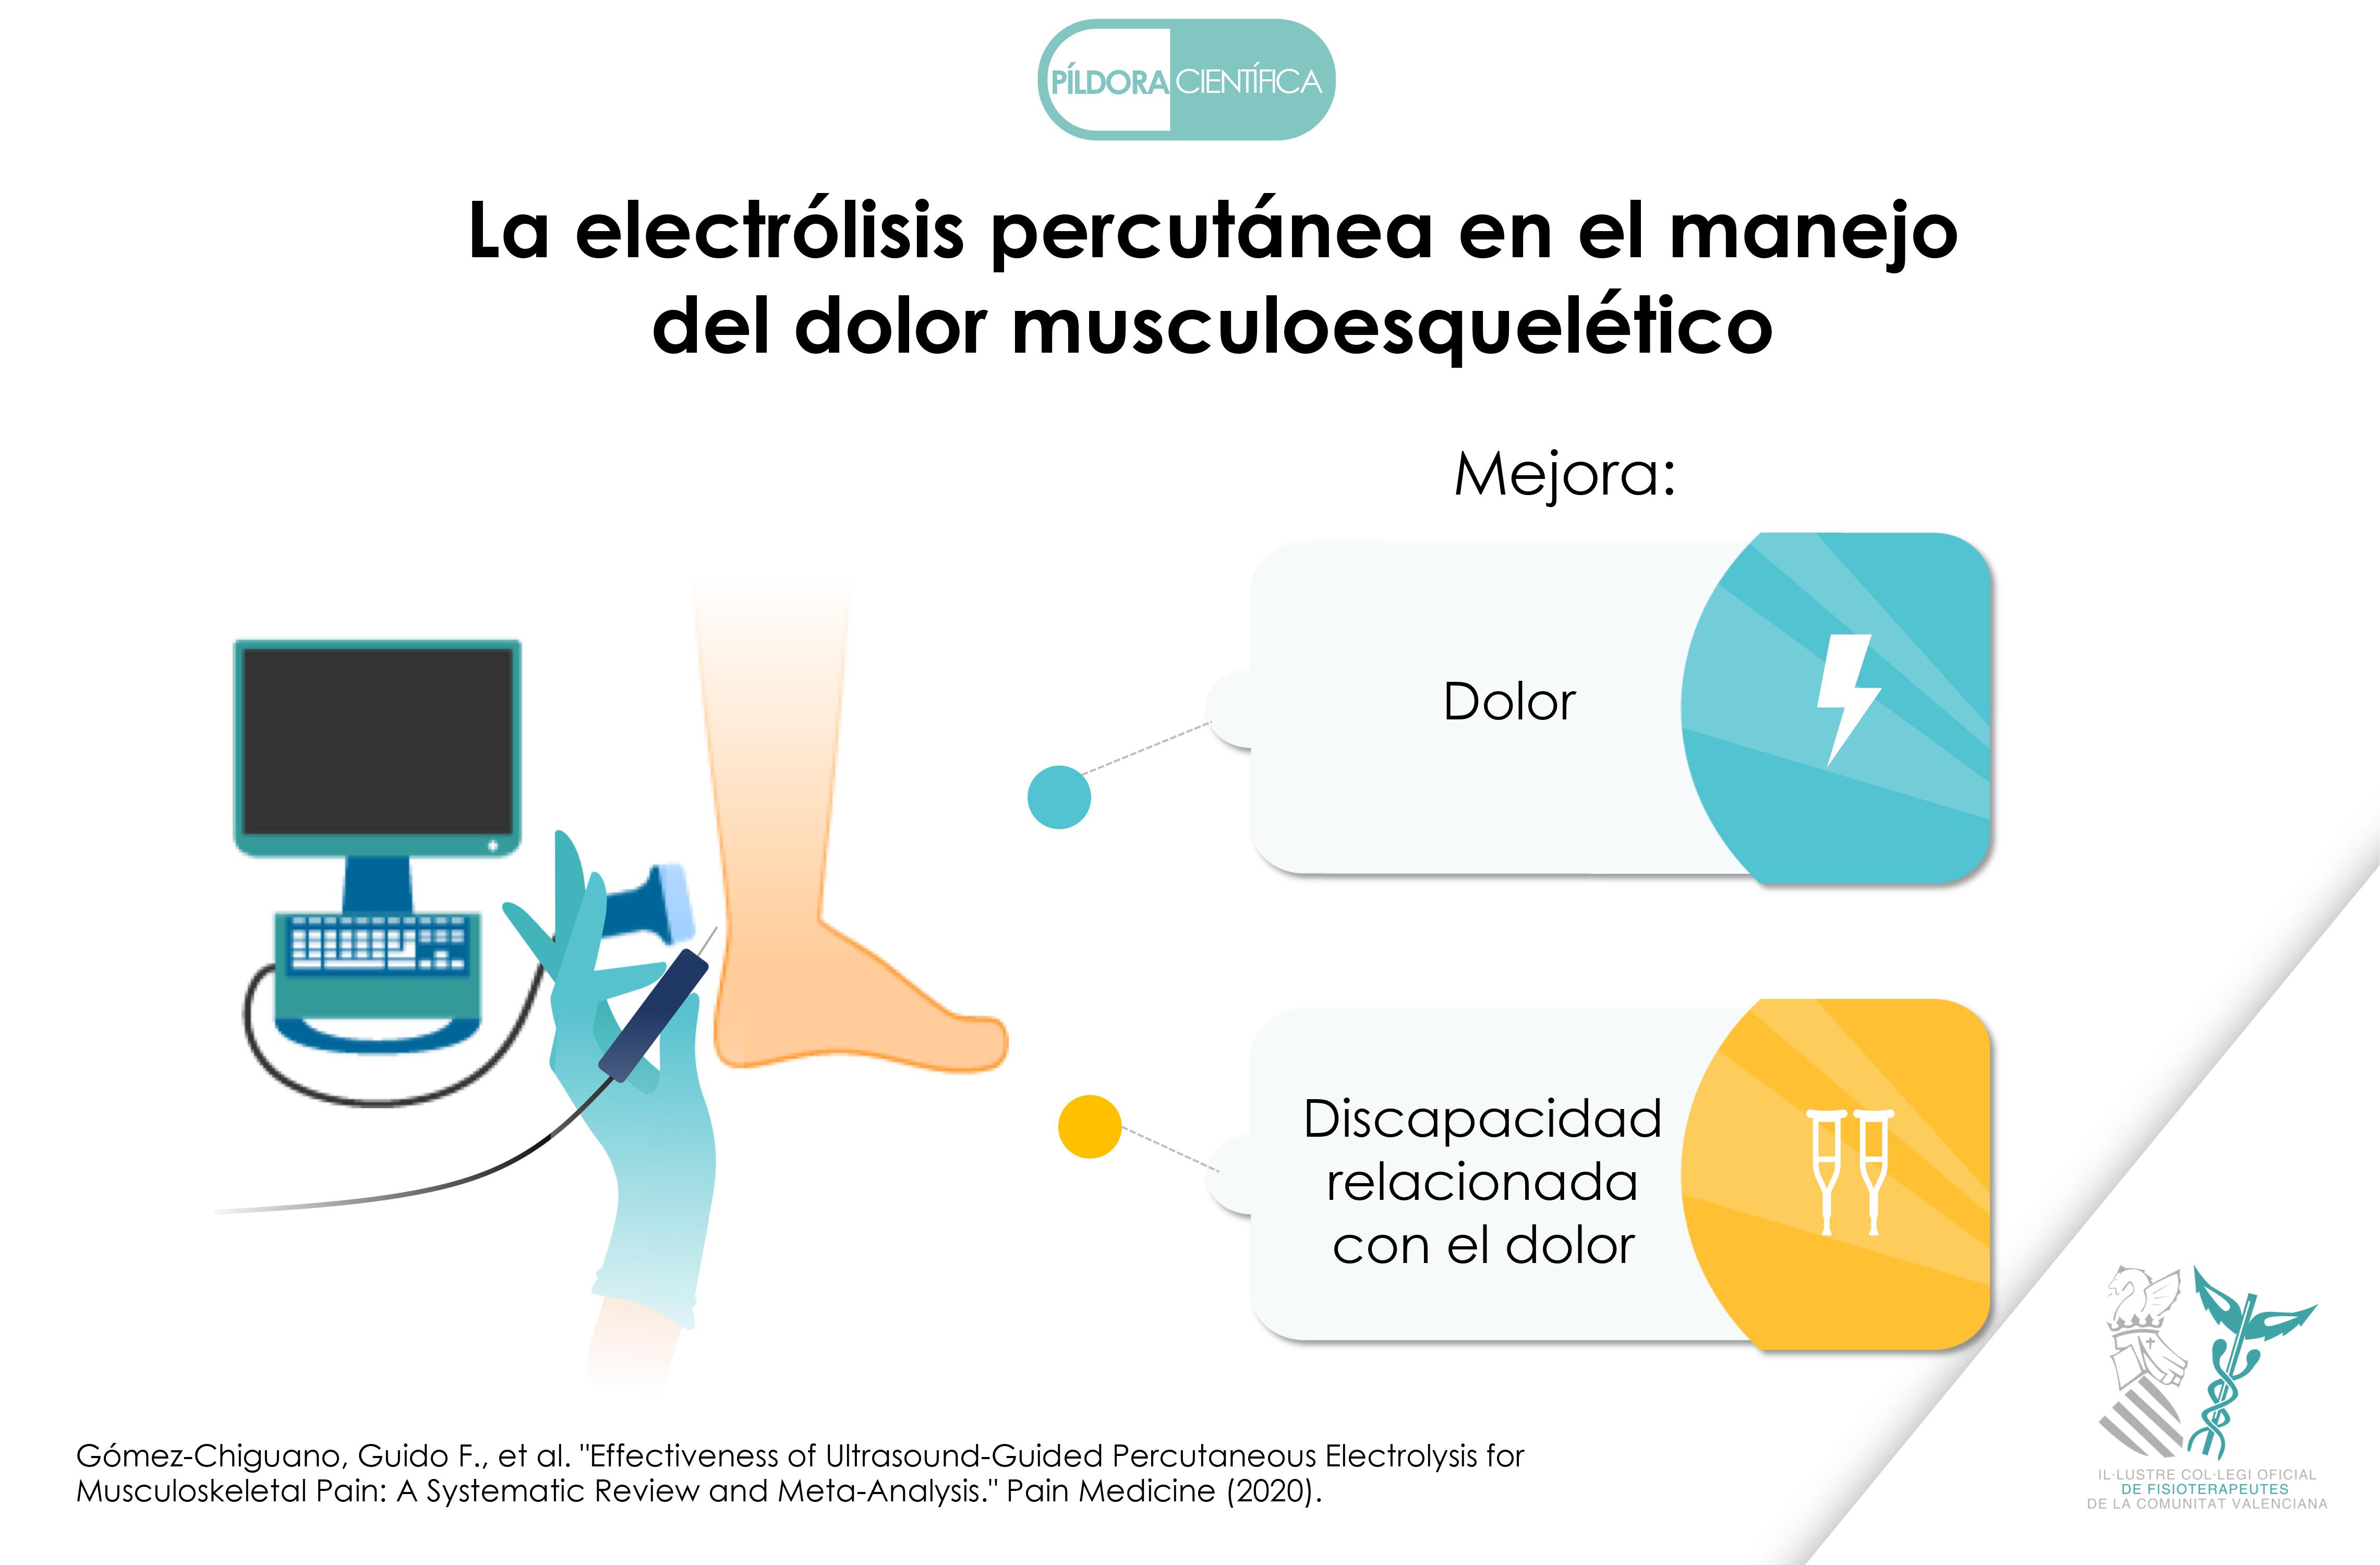 Electrólisis percutánea para el manejo del dolor musculoesquelético